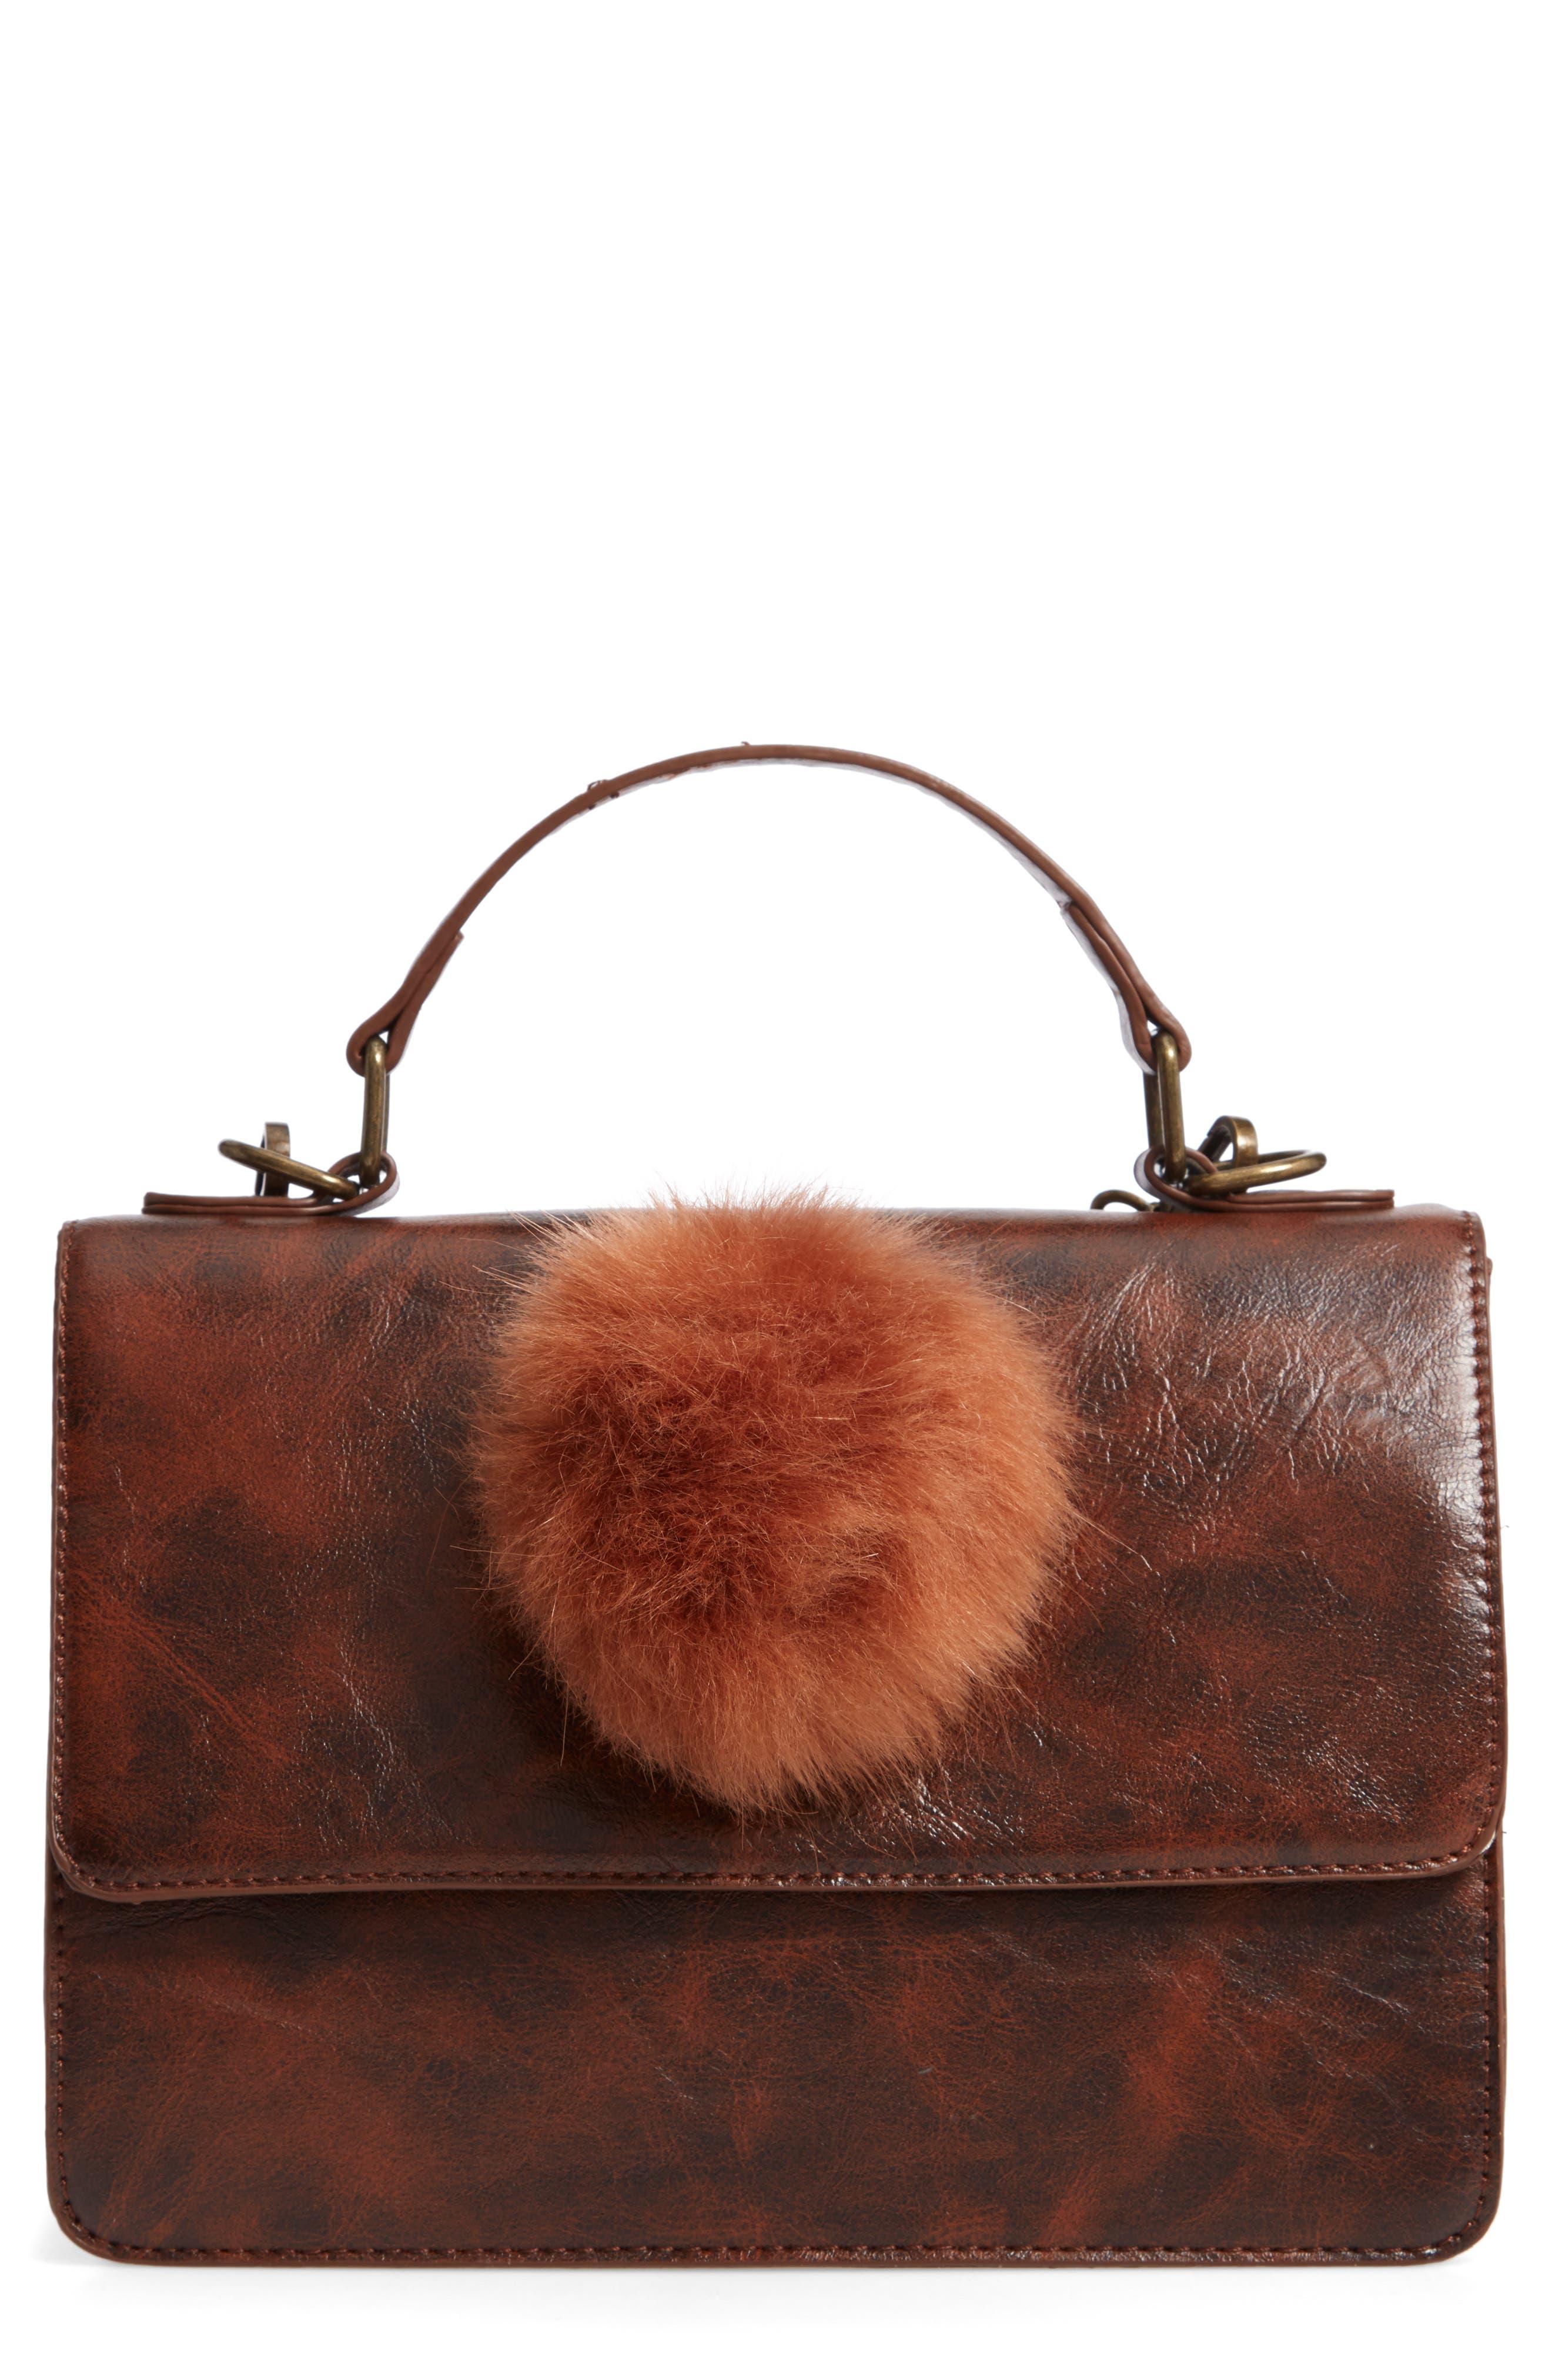 MUCHE ET MUCHETTE,                             Eleanor Faux Leather Satchel with Faux Fur Pom,                             Main thumbnail 1, color,                             BROWN